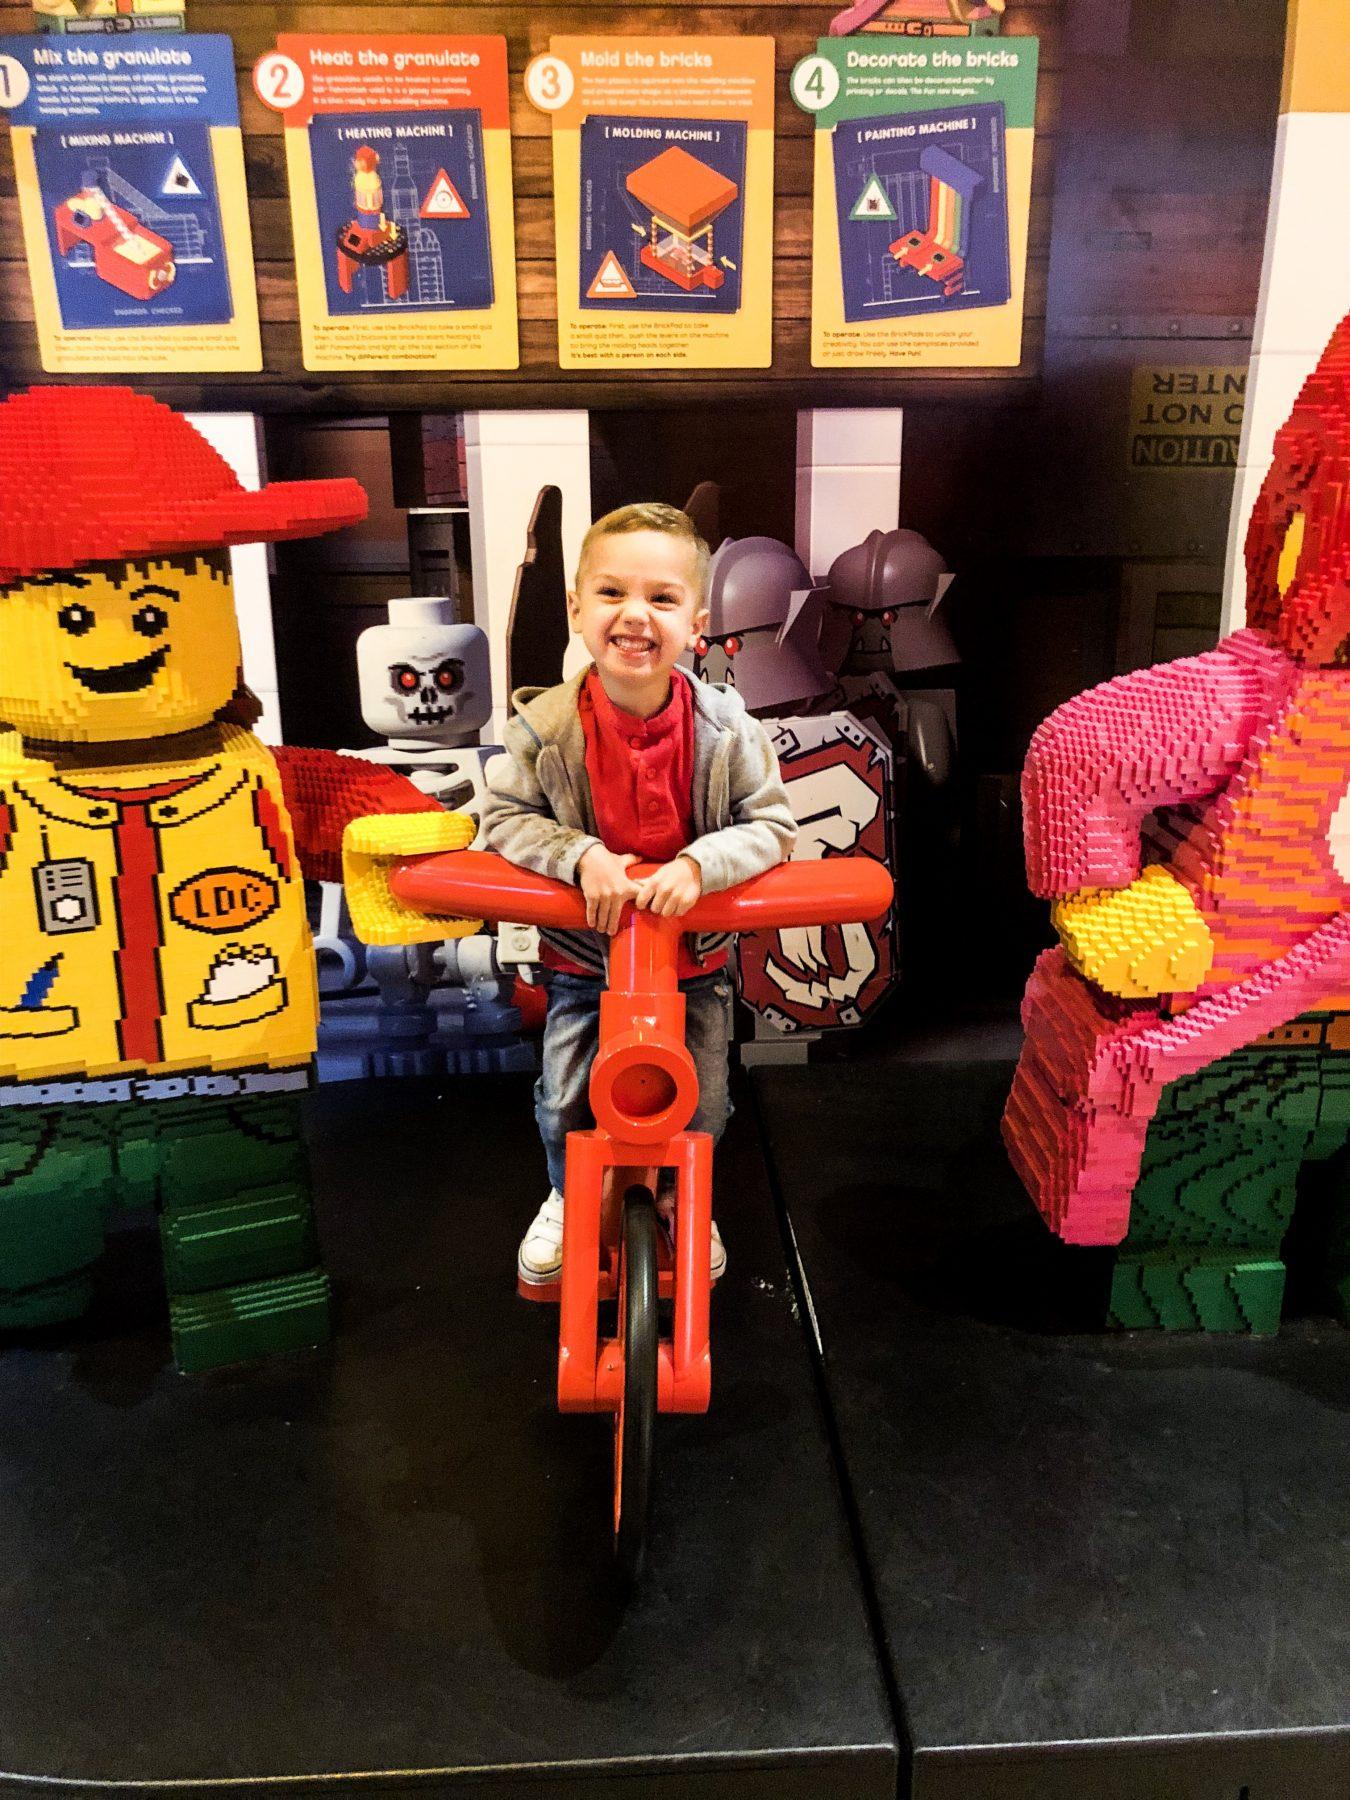 Favorite local spot: Legoland Discovery Center Atlanta